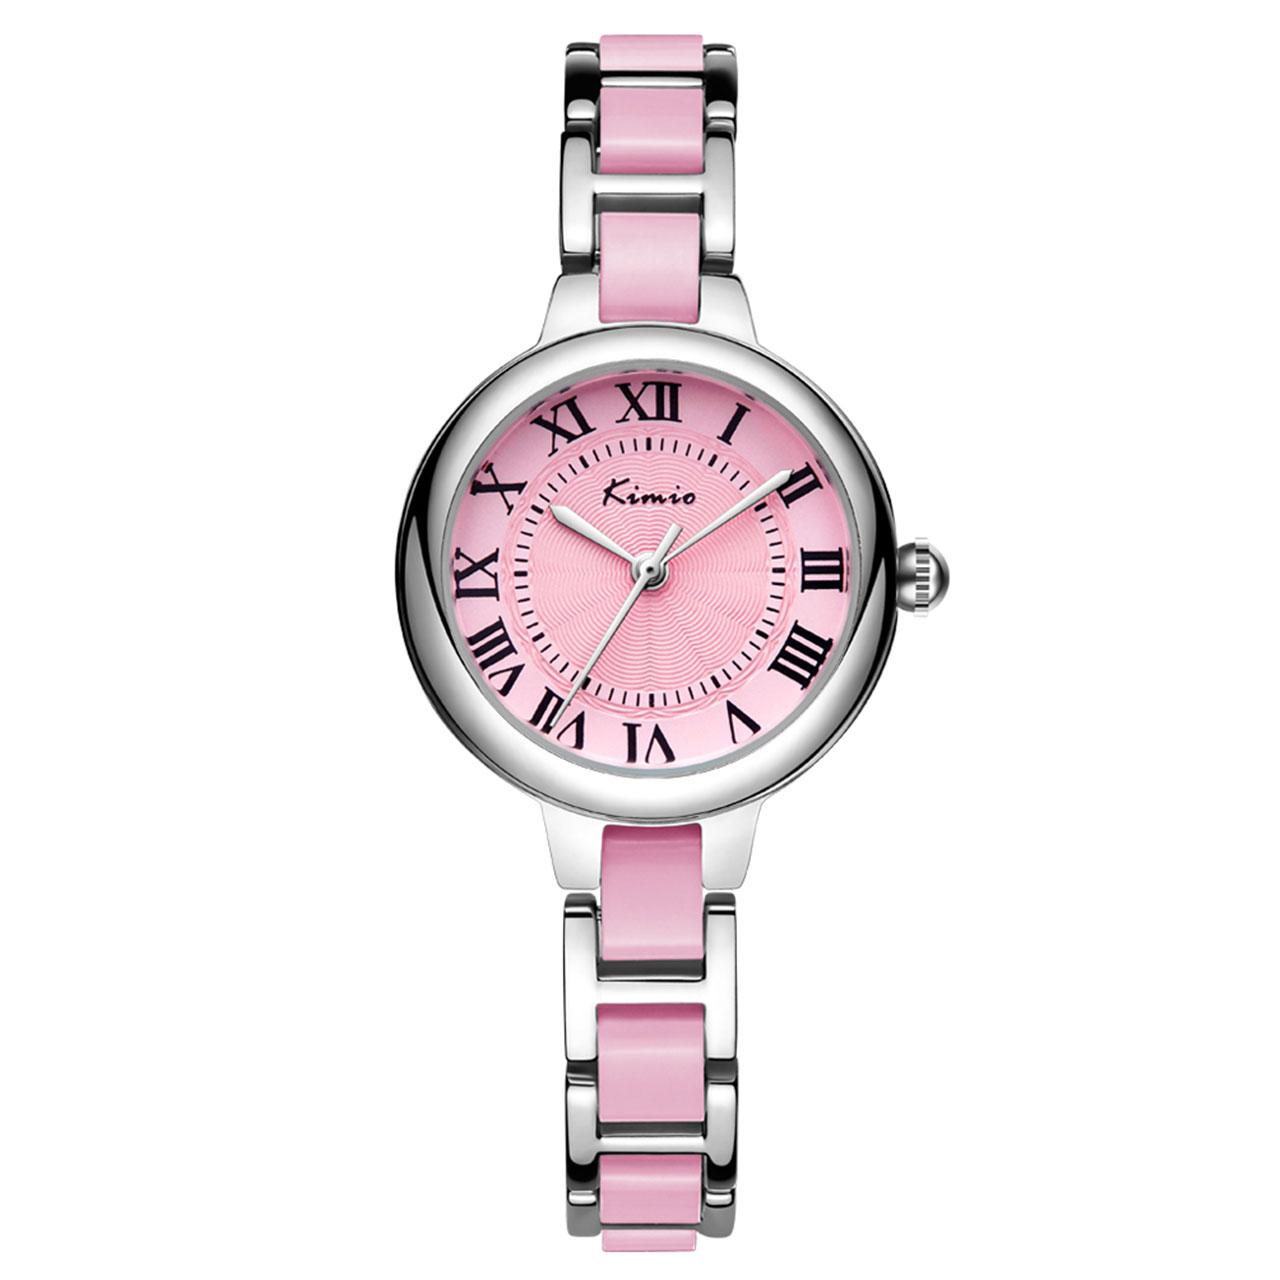 خرید ساعت مچی عقربهای زنانه کیمیو مدل K6150S-GL1WZL